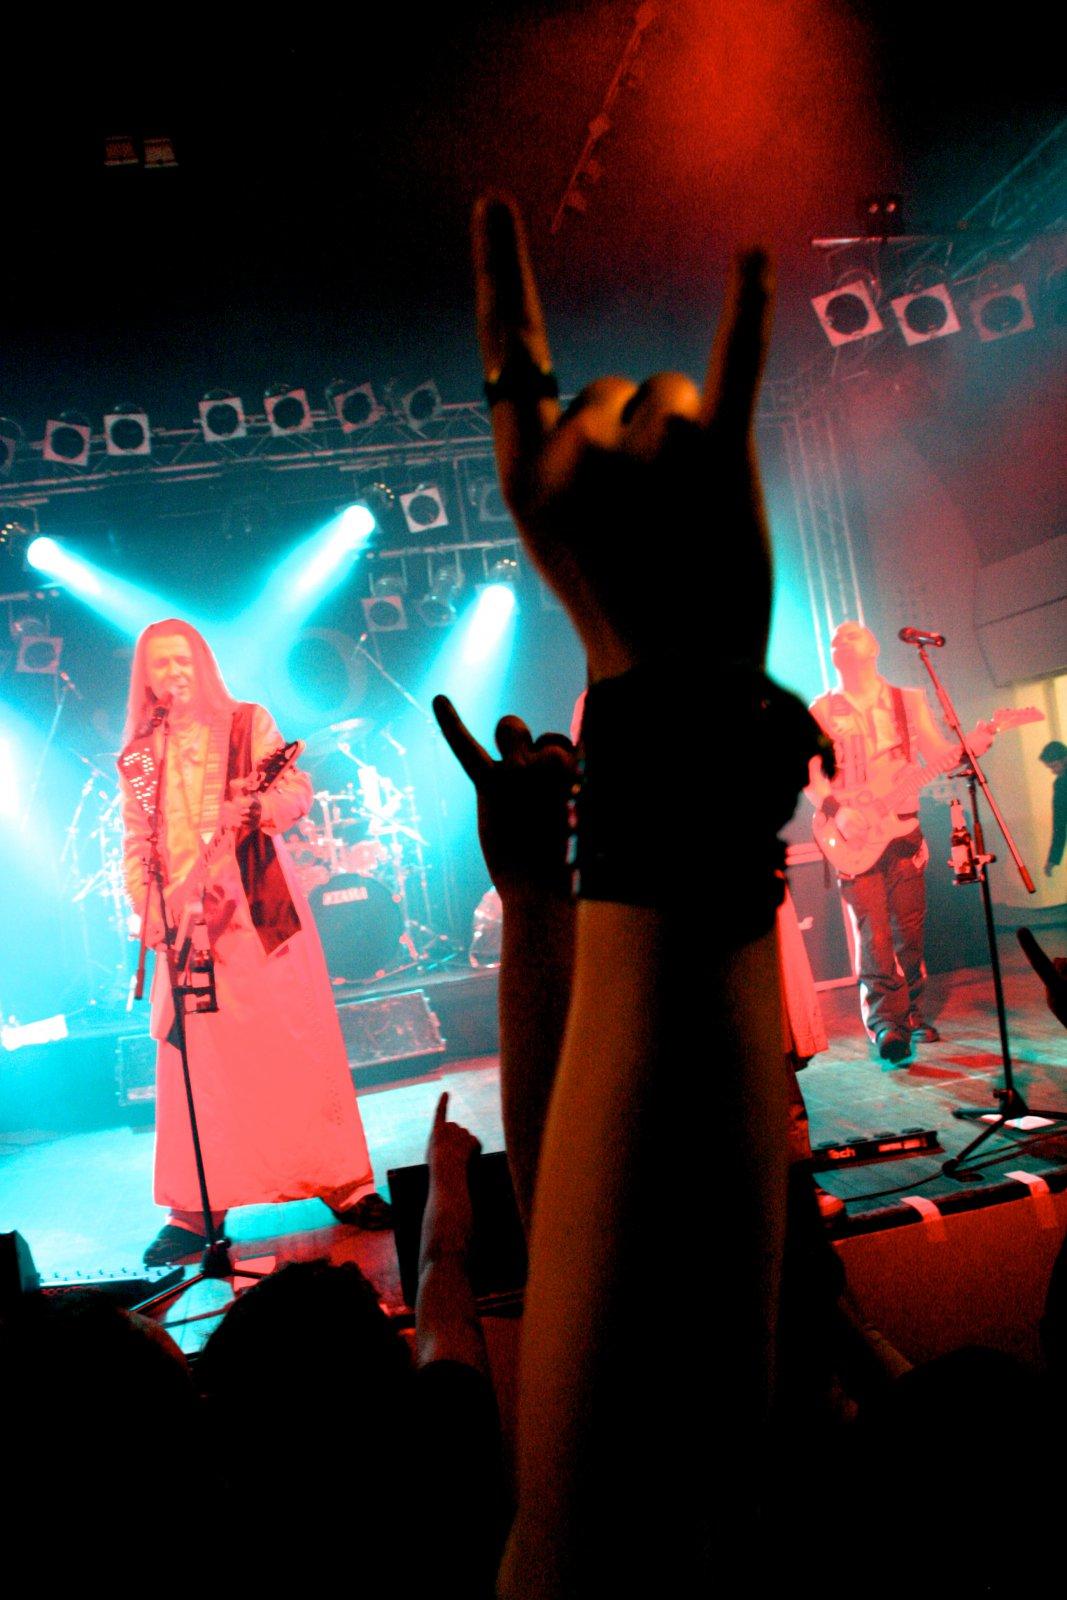 J.B.O. - Lennestadt Sauerlandhalle, 15.05.2010 - Foto von Marc Schwellenbach - 172